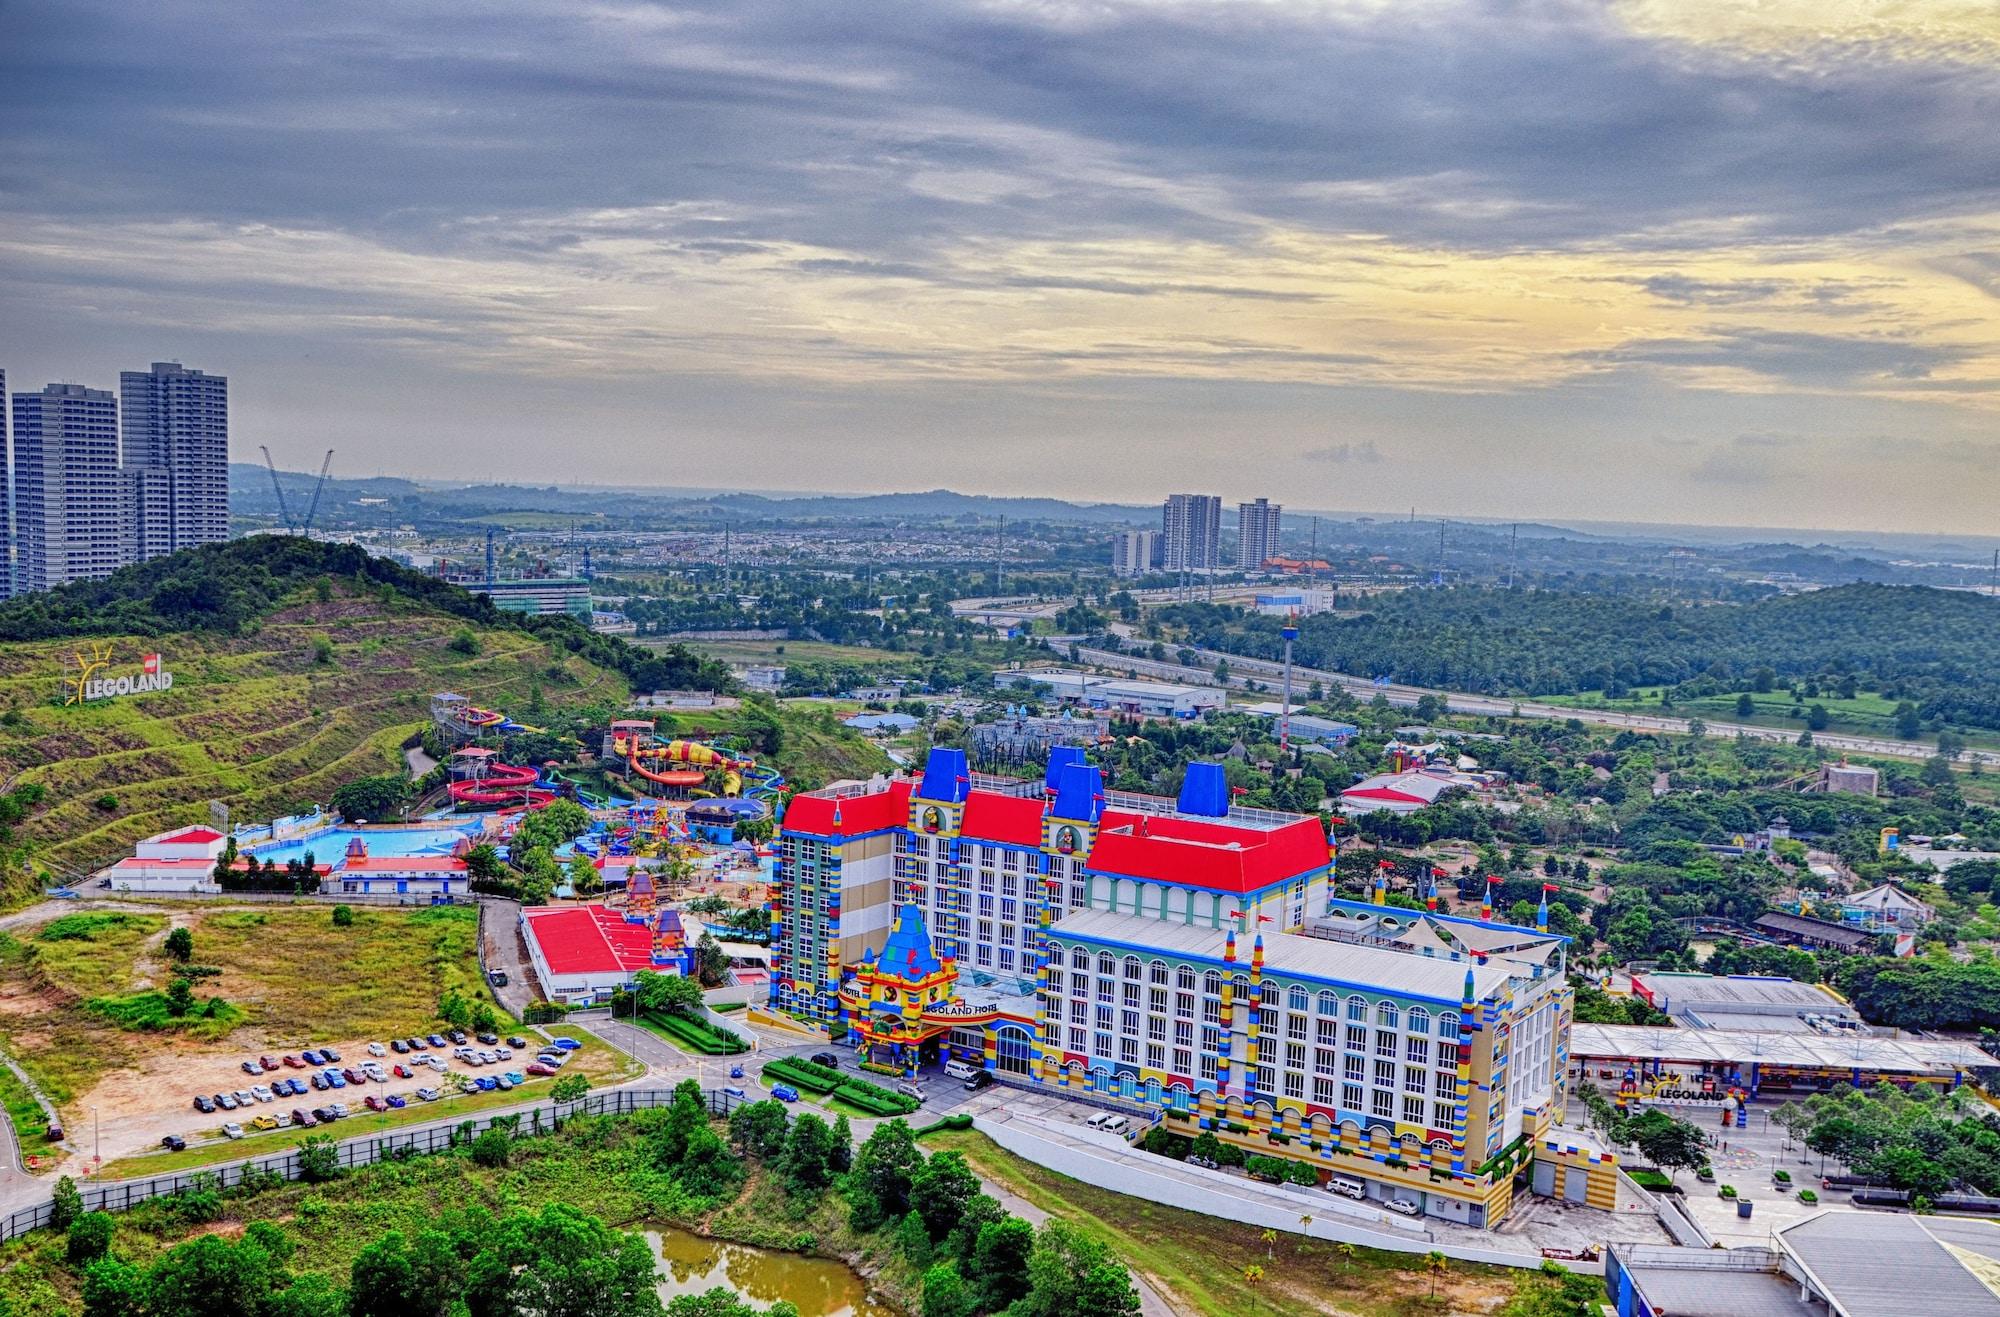 Holi Afiniti Themed Suites, Johor Bahru